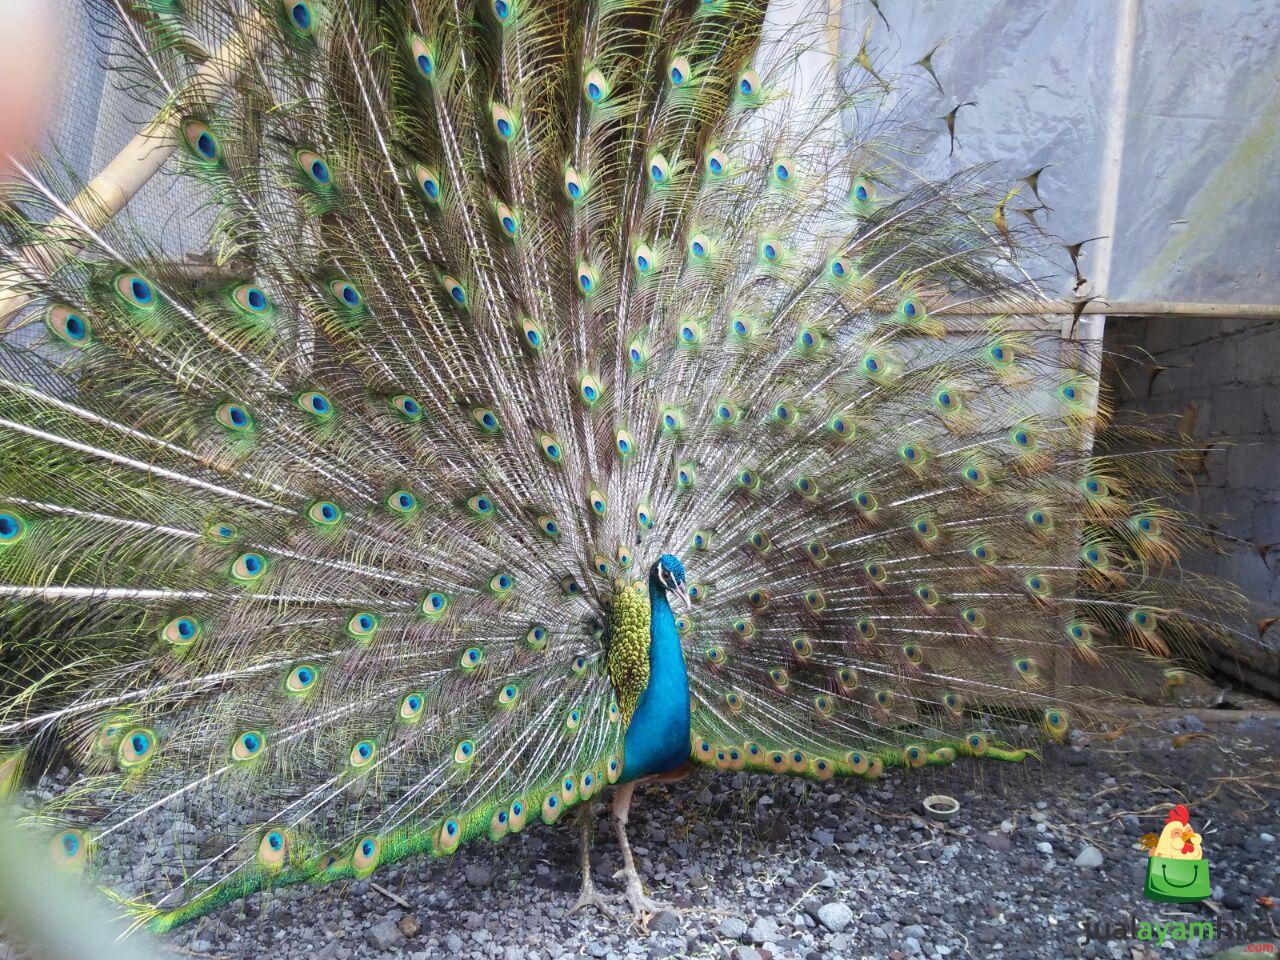 Unduh 62+  Gambar Burung Merak Tercantik  Paling Unik Free